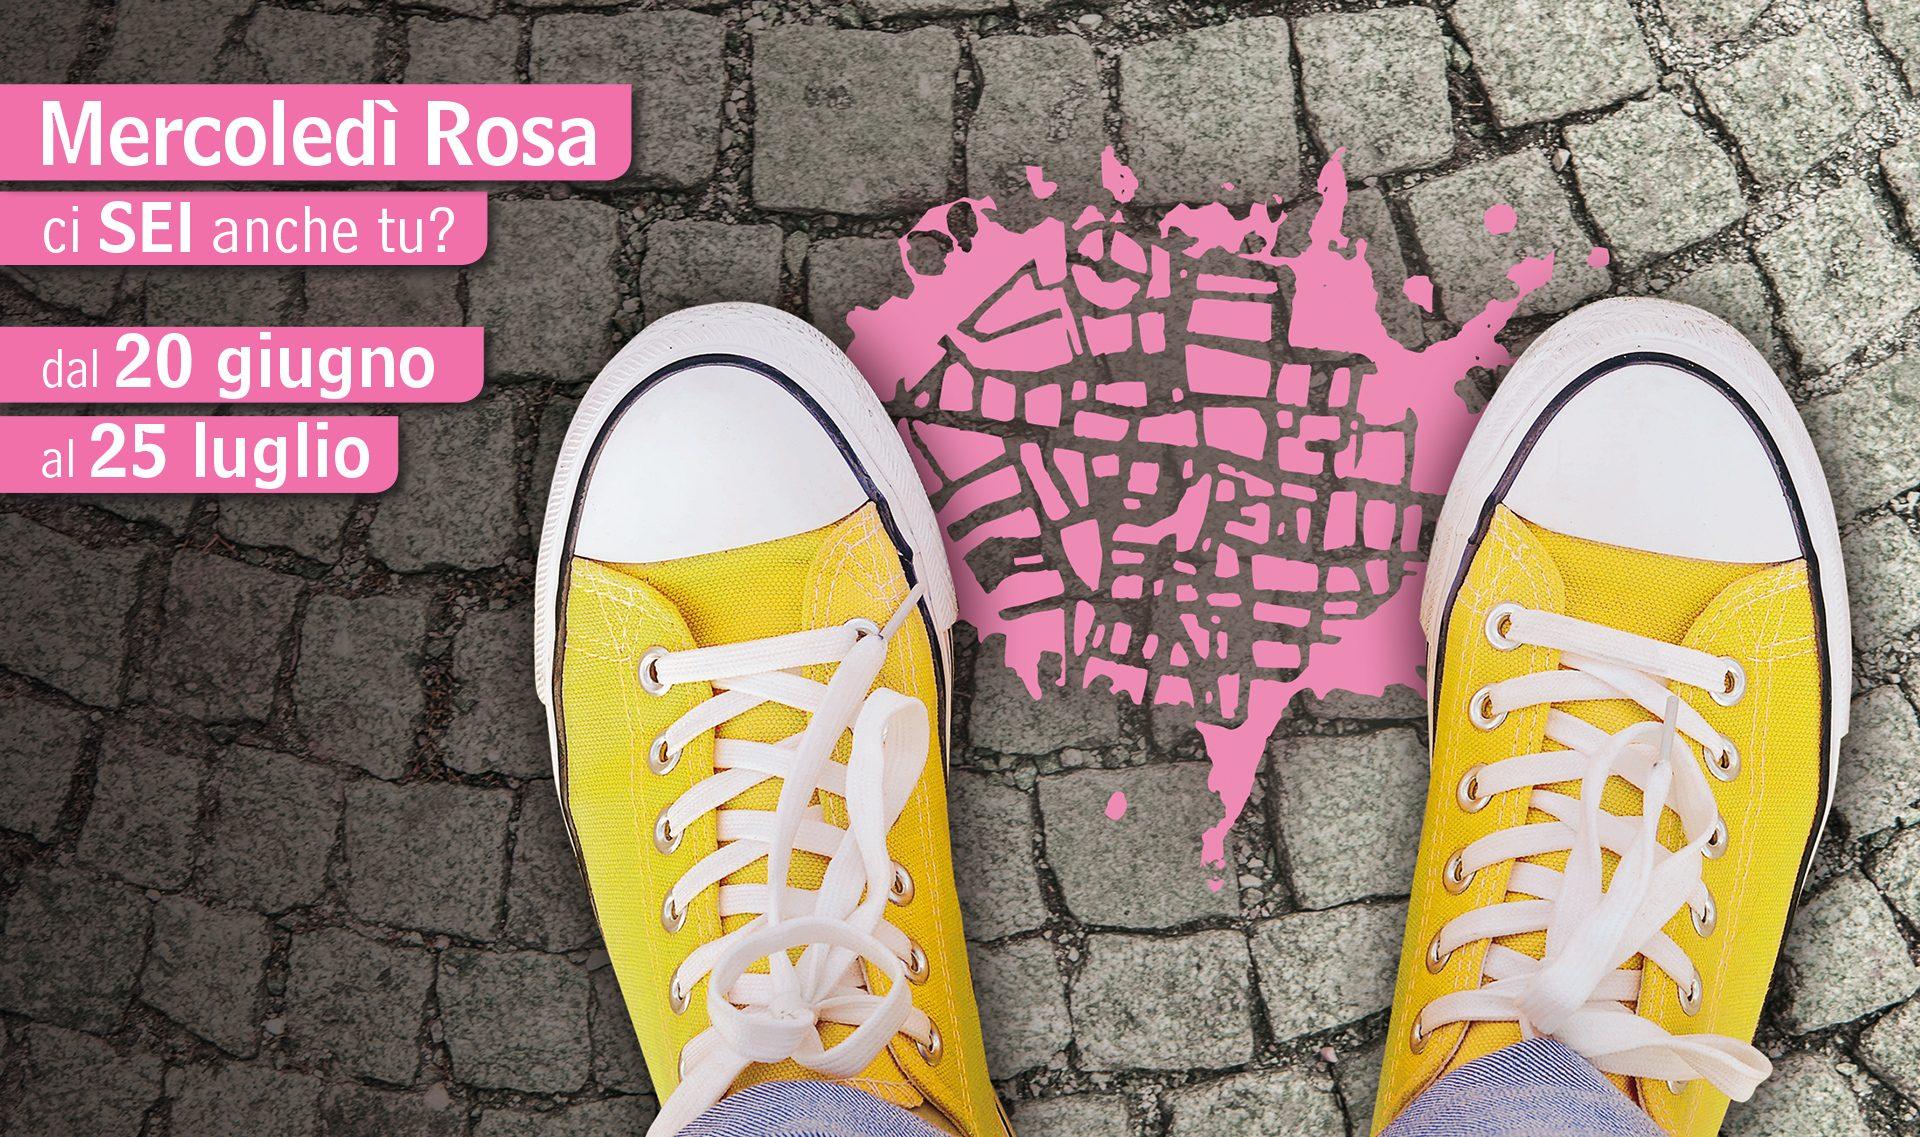 Mercoledì Rosa 2018